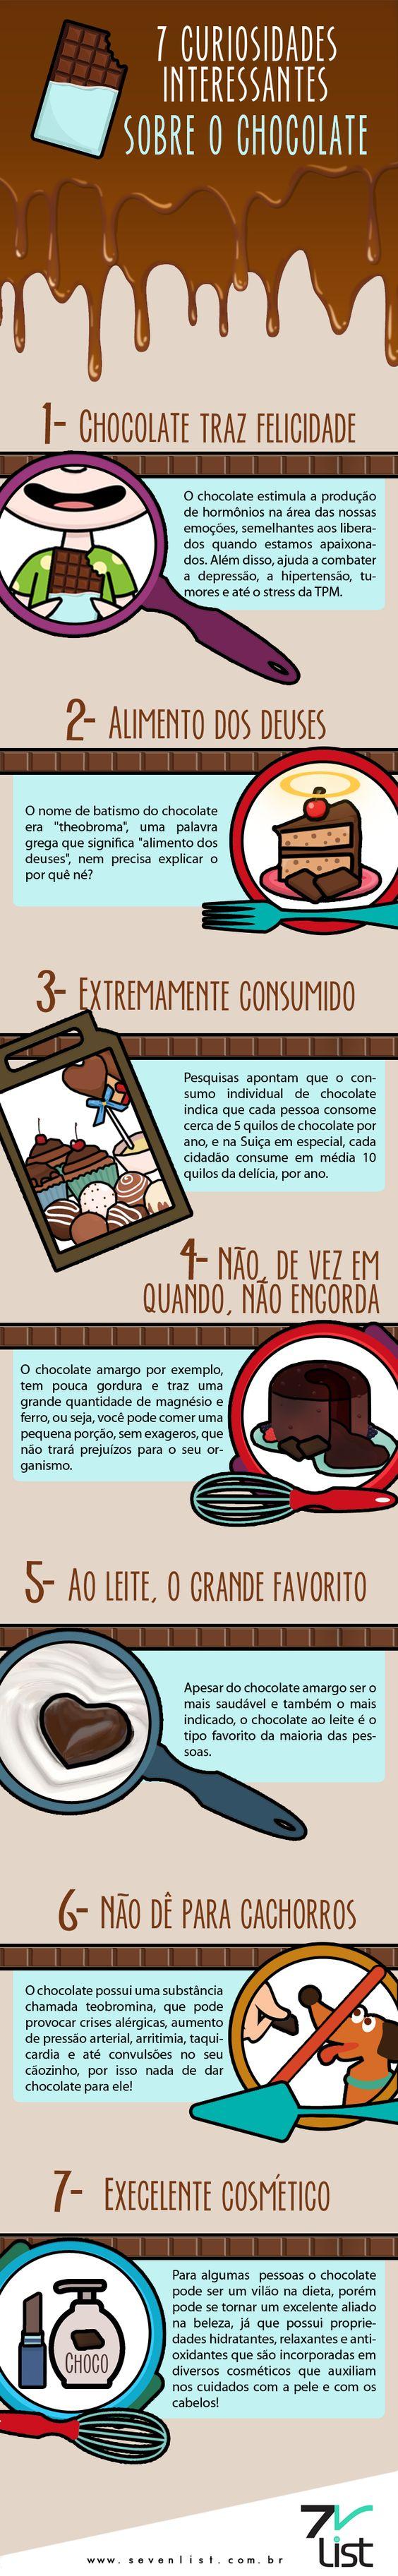 #infográfico #infographic #design #chocolate #chocólatra #delicia #doce #curiosidades #felicidade #alimento #engordar #saúde #bem-estar #aoleite #cachorro #cosmético #chocolateamargo: